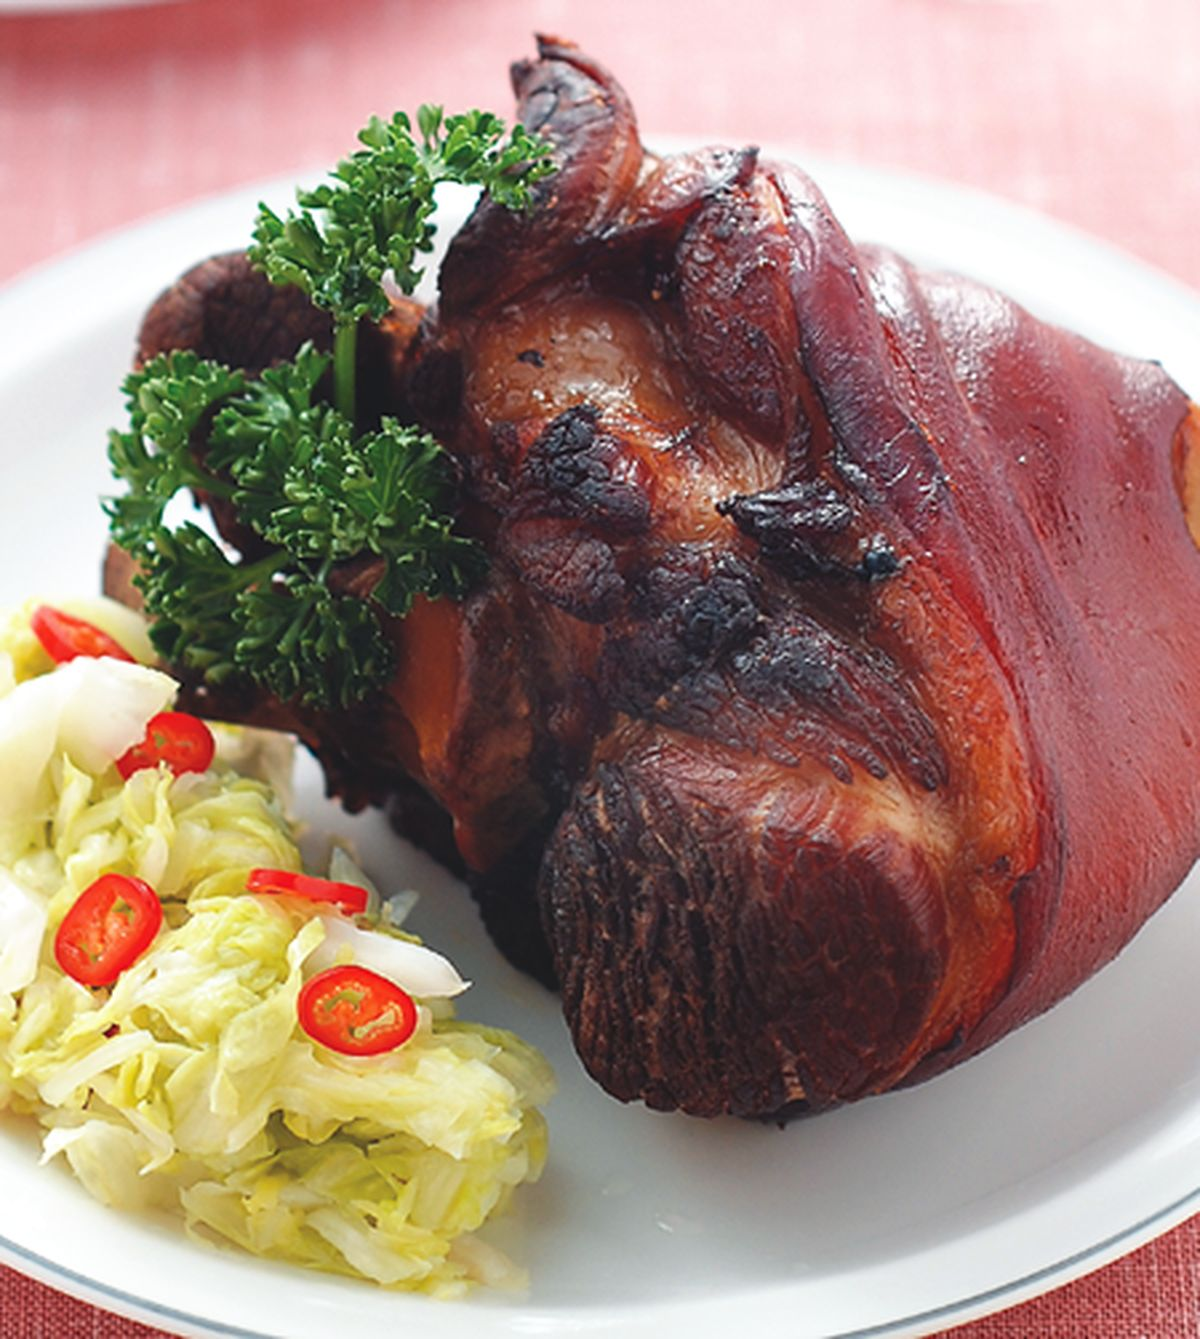 【食譜】酸菜烤豬腳:www.ytower.com.tw